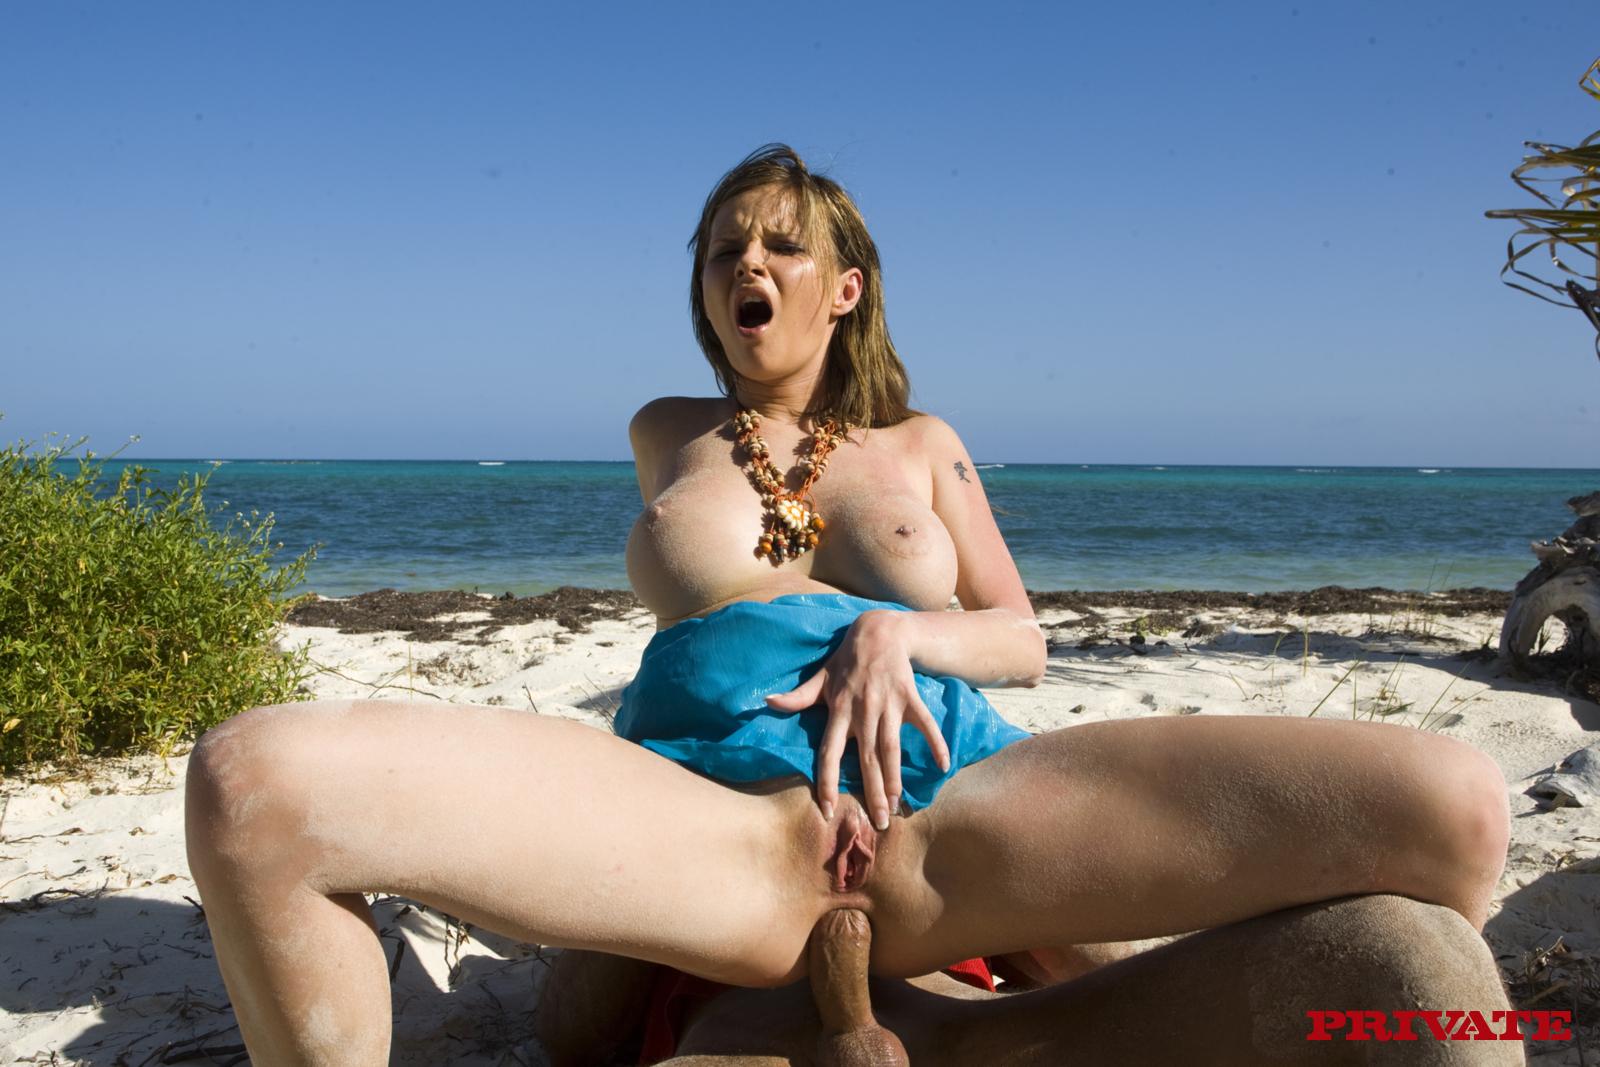 Частное фото секс на море, Секс на пляже частное фото семейных пар 27 фотография